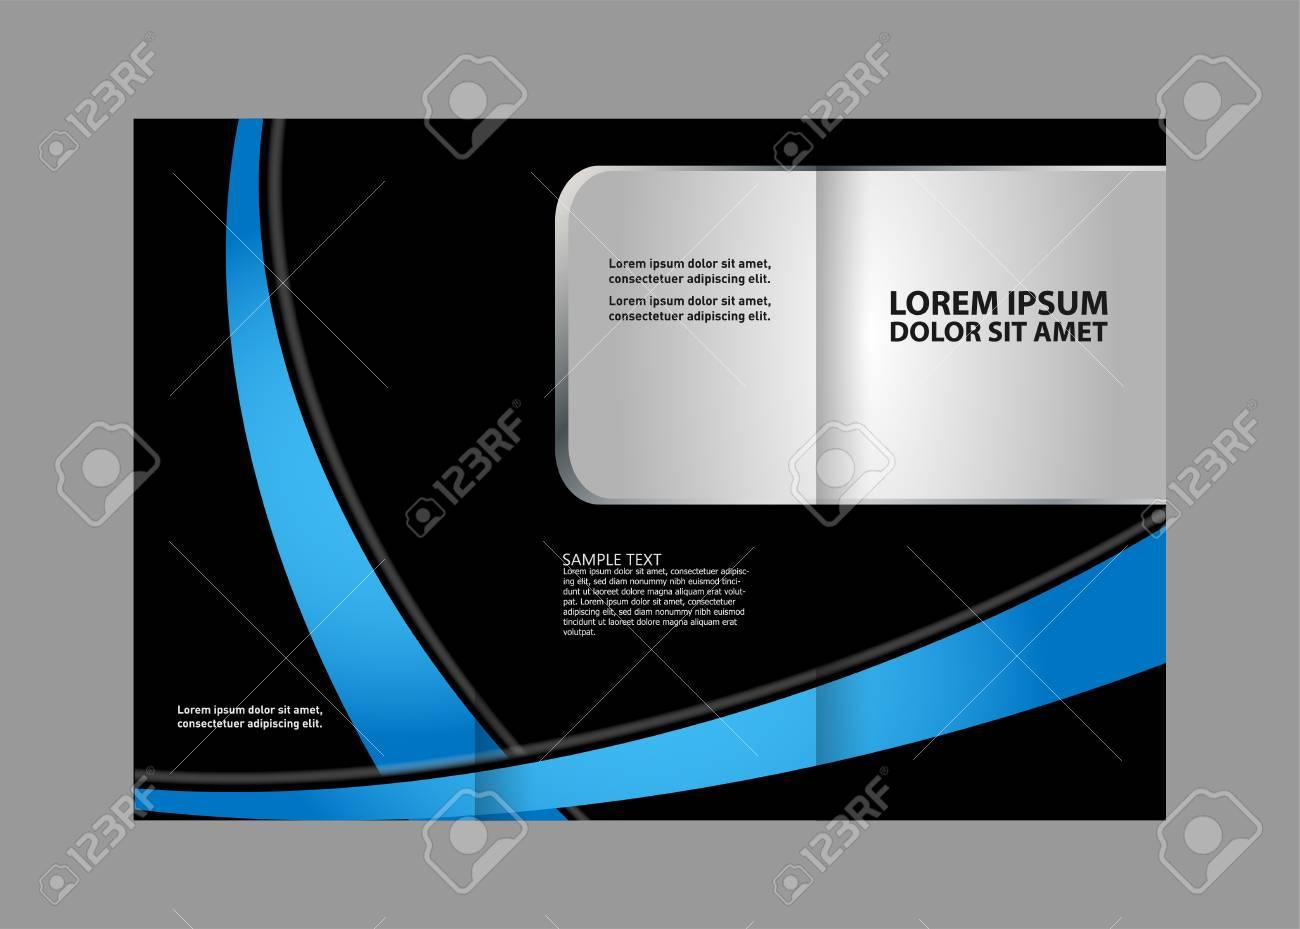 Ausgezeichnet Salon Broschüre Ideen - Bilder für das Lebenslauf ...